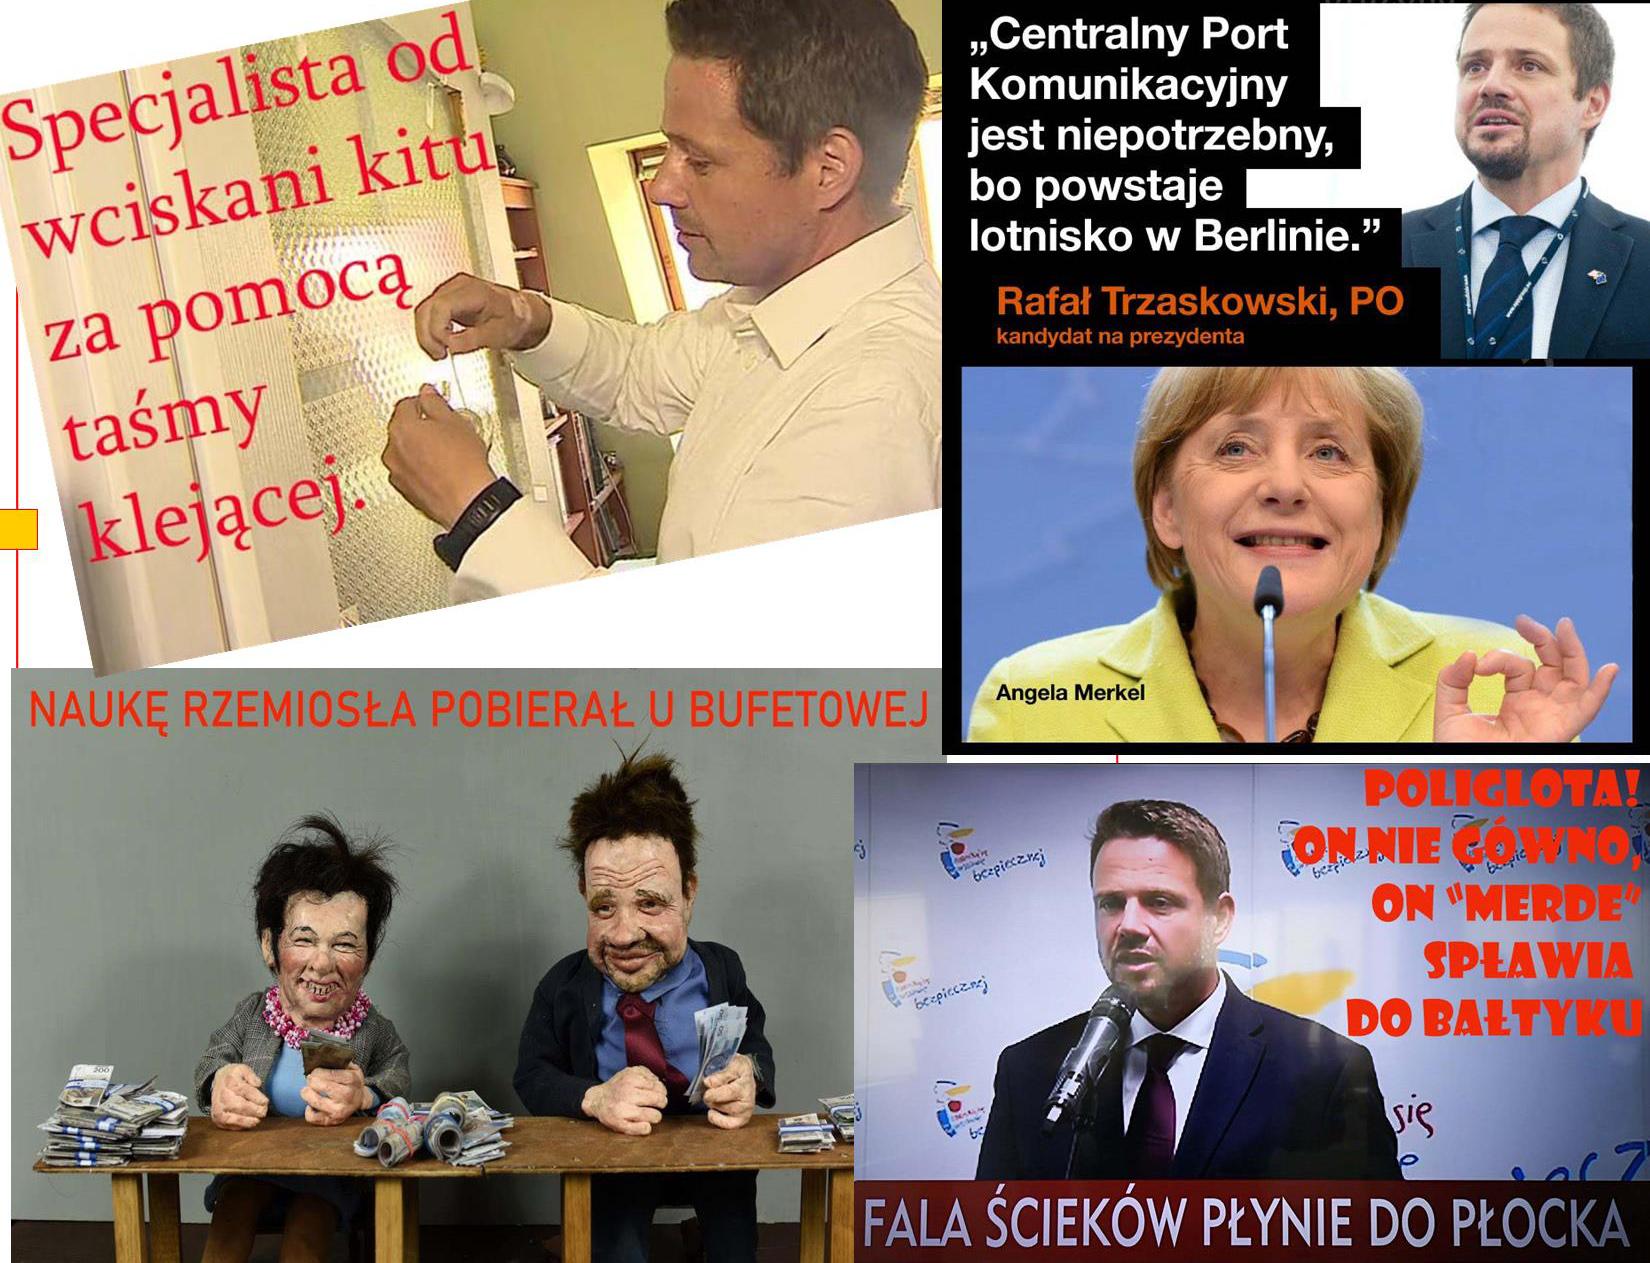 Ogłoszenie darmowe. Lokalizacja:  Polska. IMPREZY - Kabaret. GŁOSUJ NA TRZASKOWSKIEGO !!! DLACZEGO.